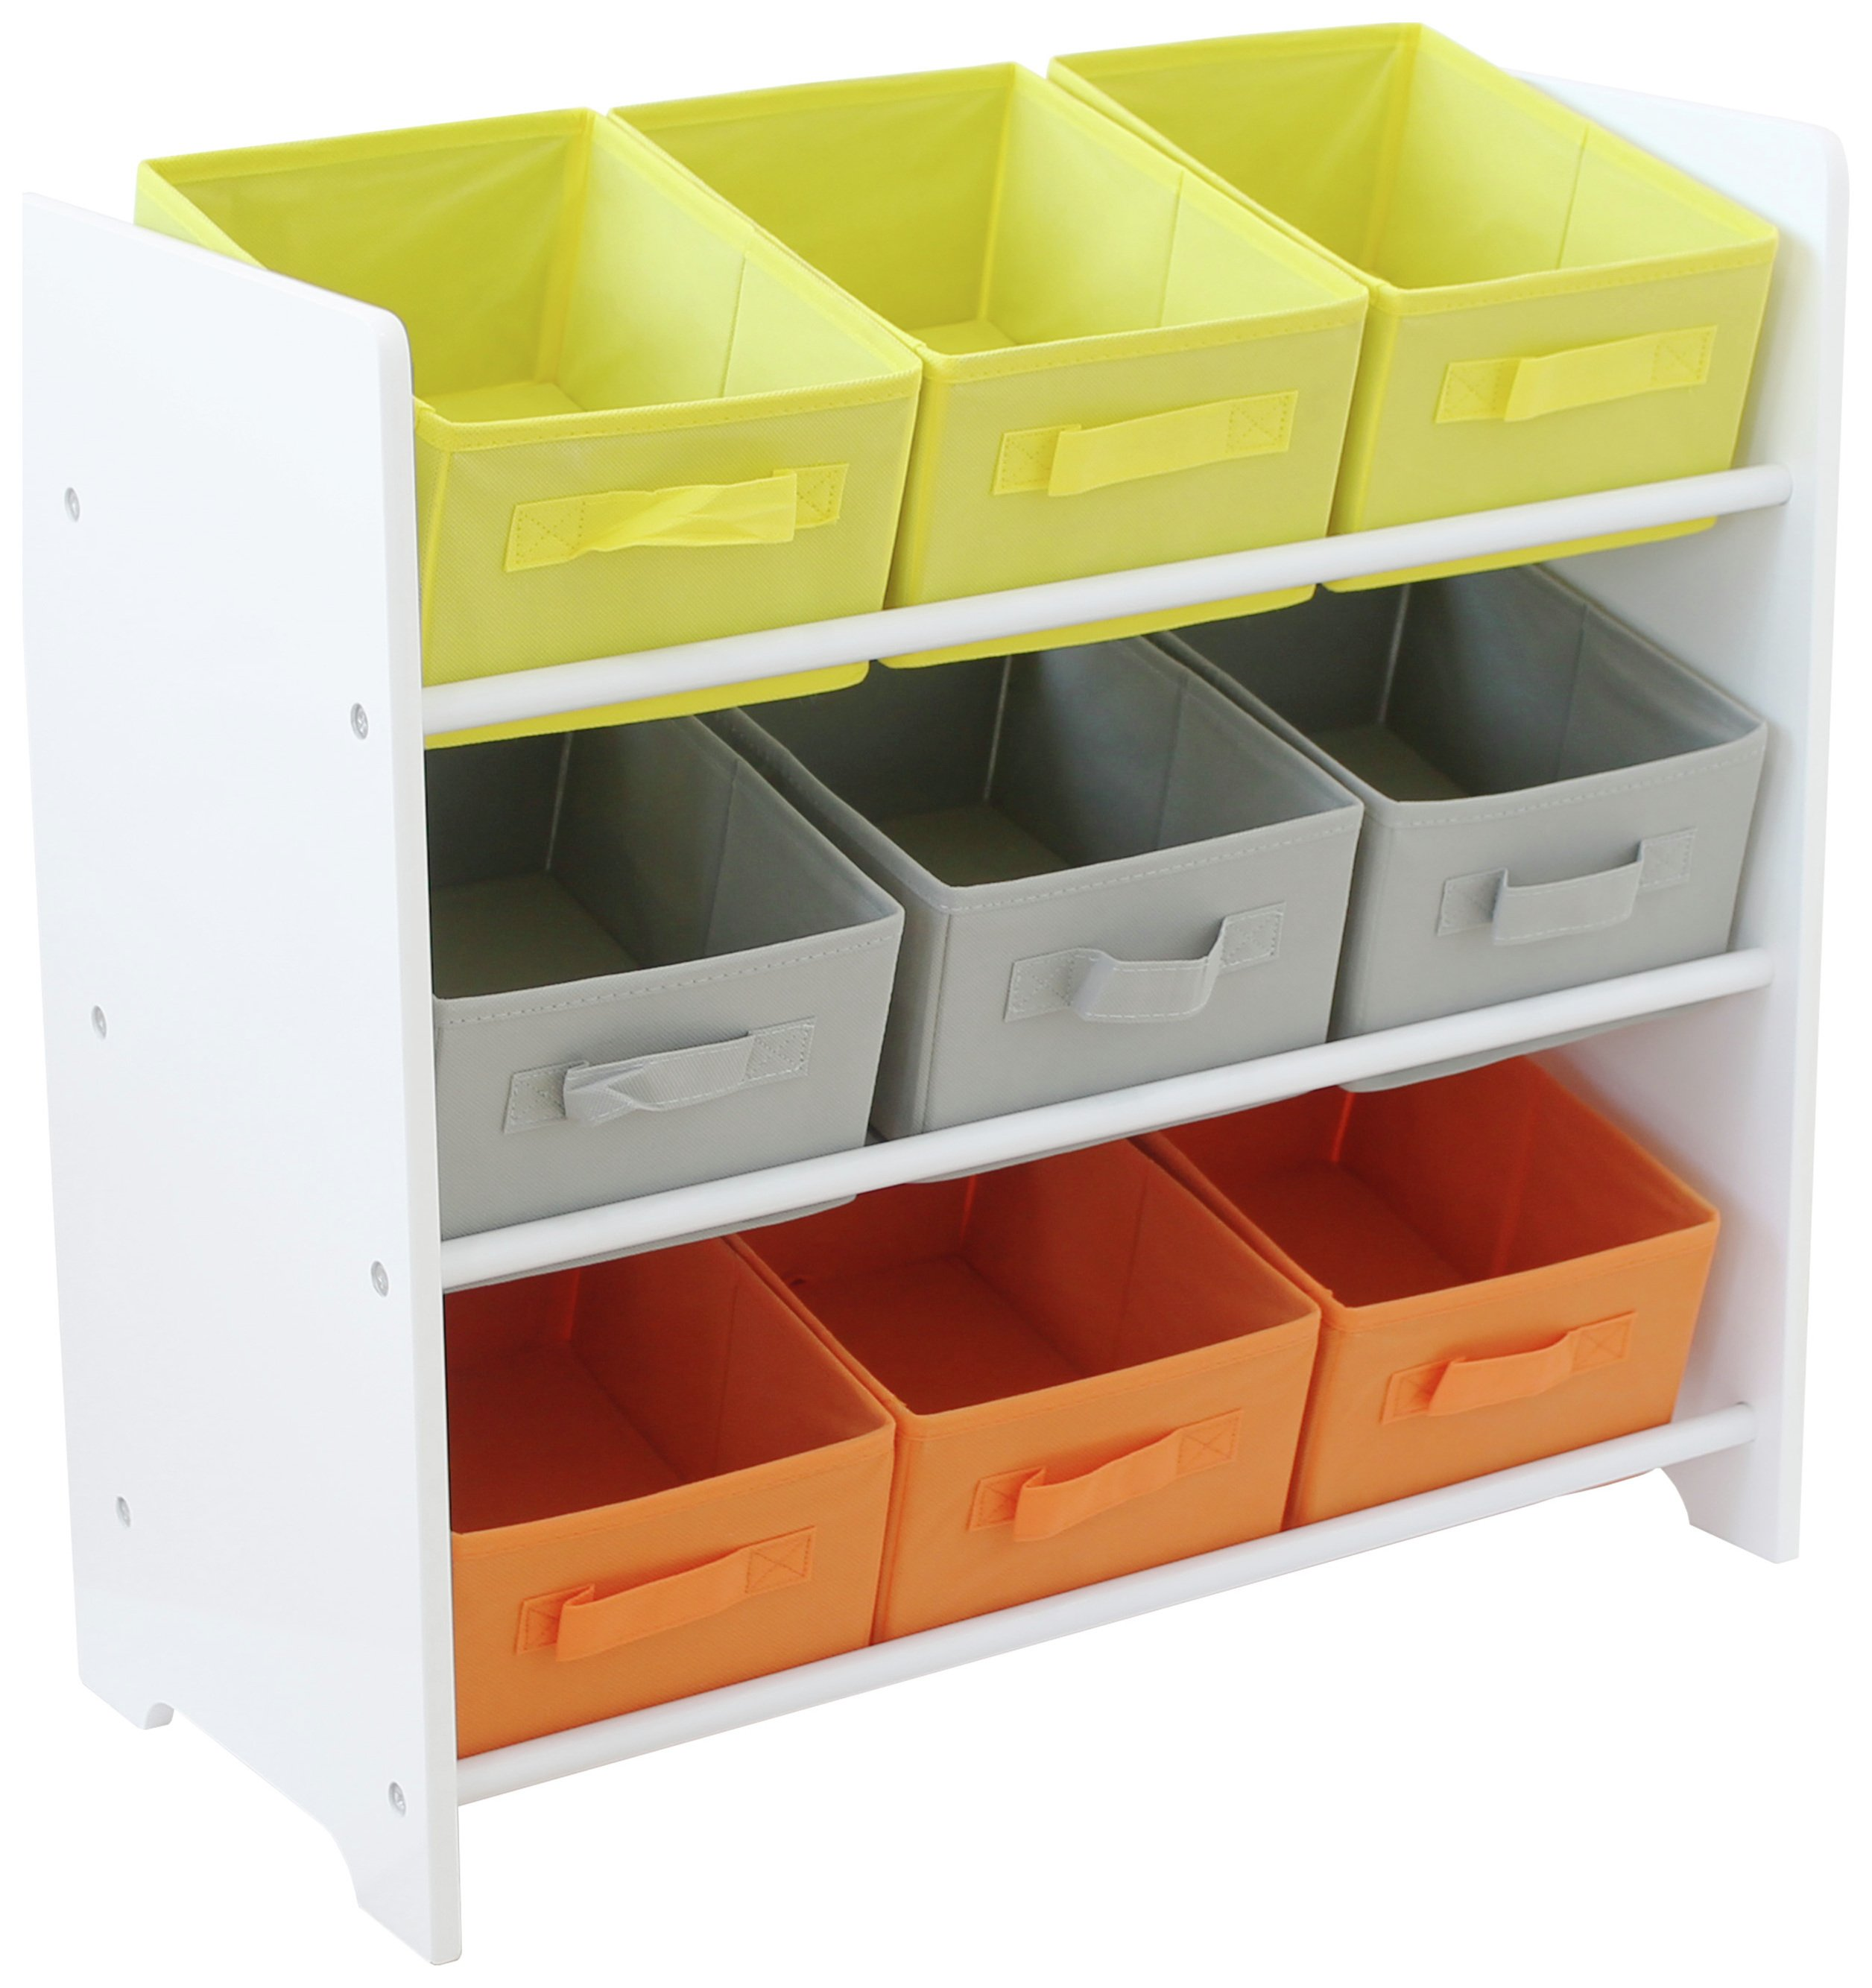 HOME 3 Tier Childrens Basket Storage Unit